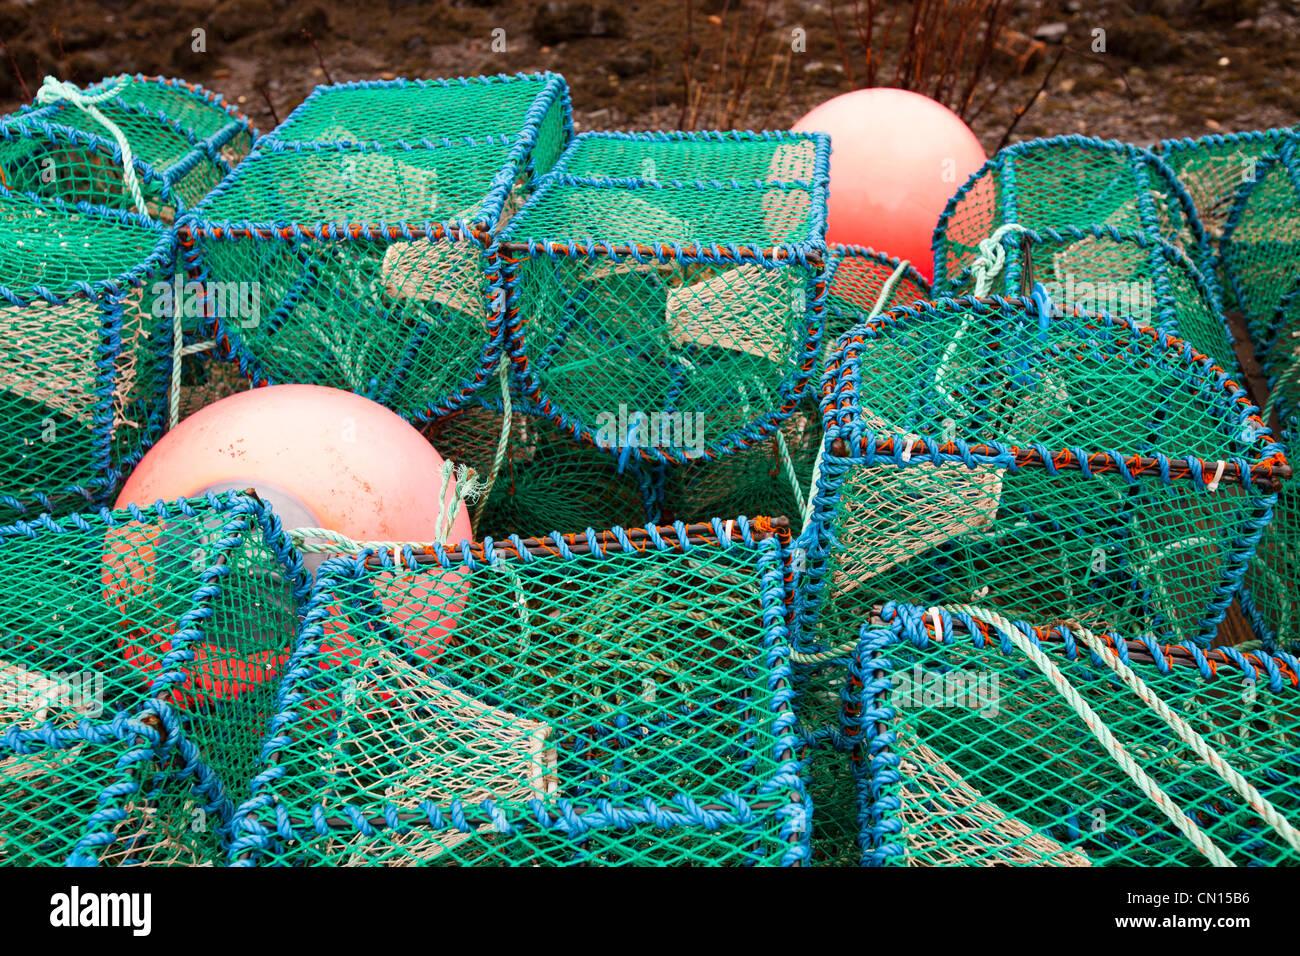 Pots o creels langosta en el puerto en Portnalong, Isla de Skye, Escocia, Reino Unido. Foto de stock